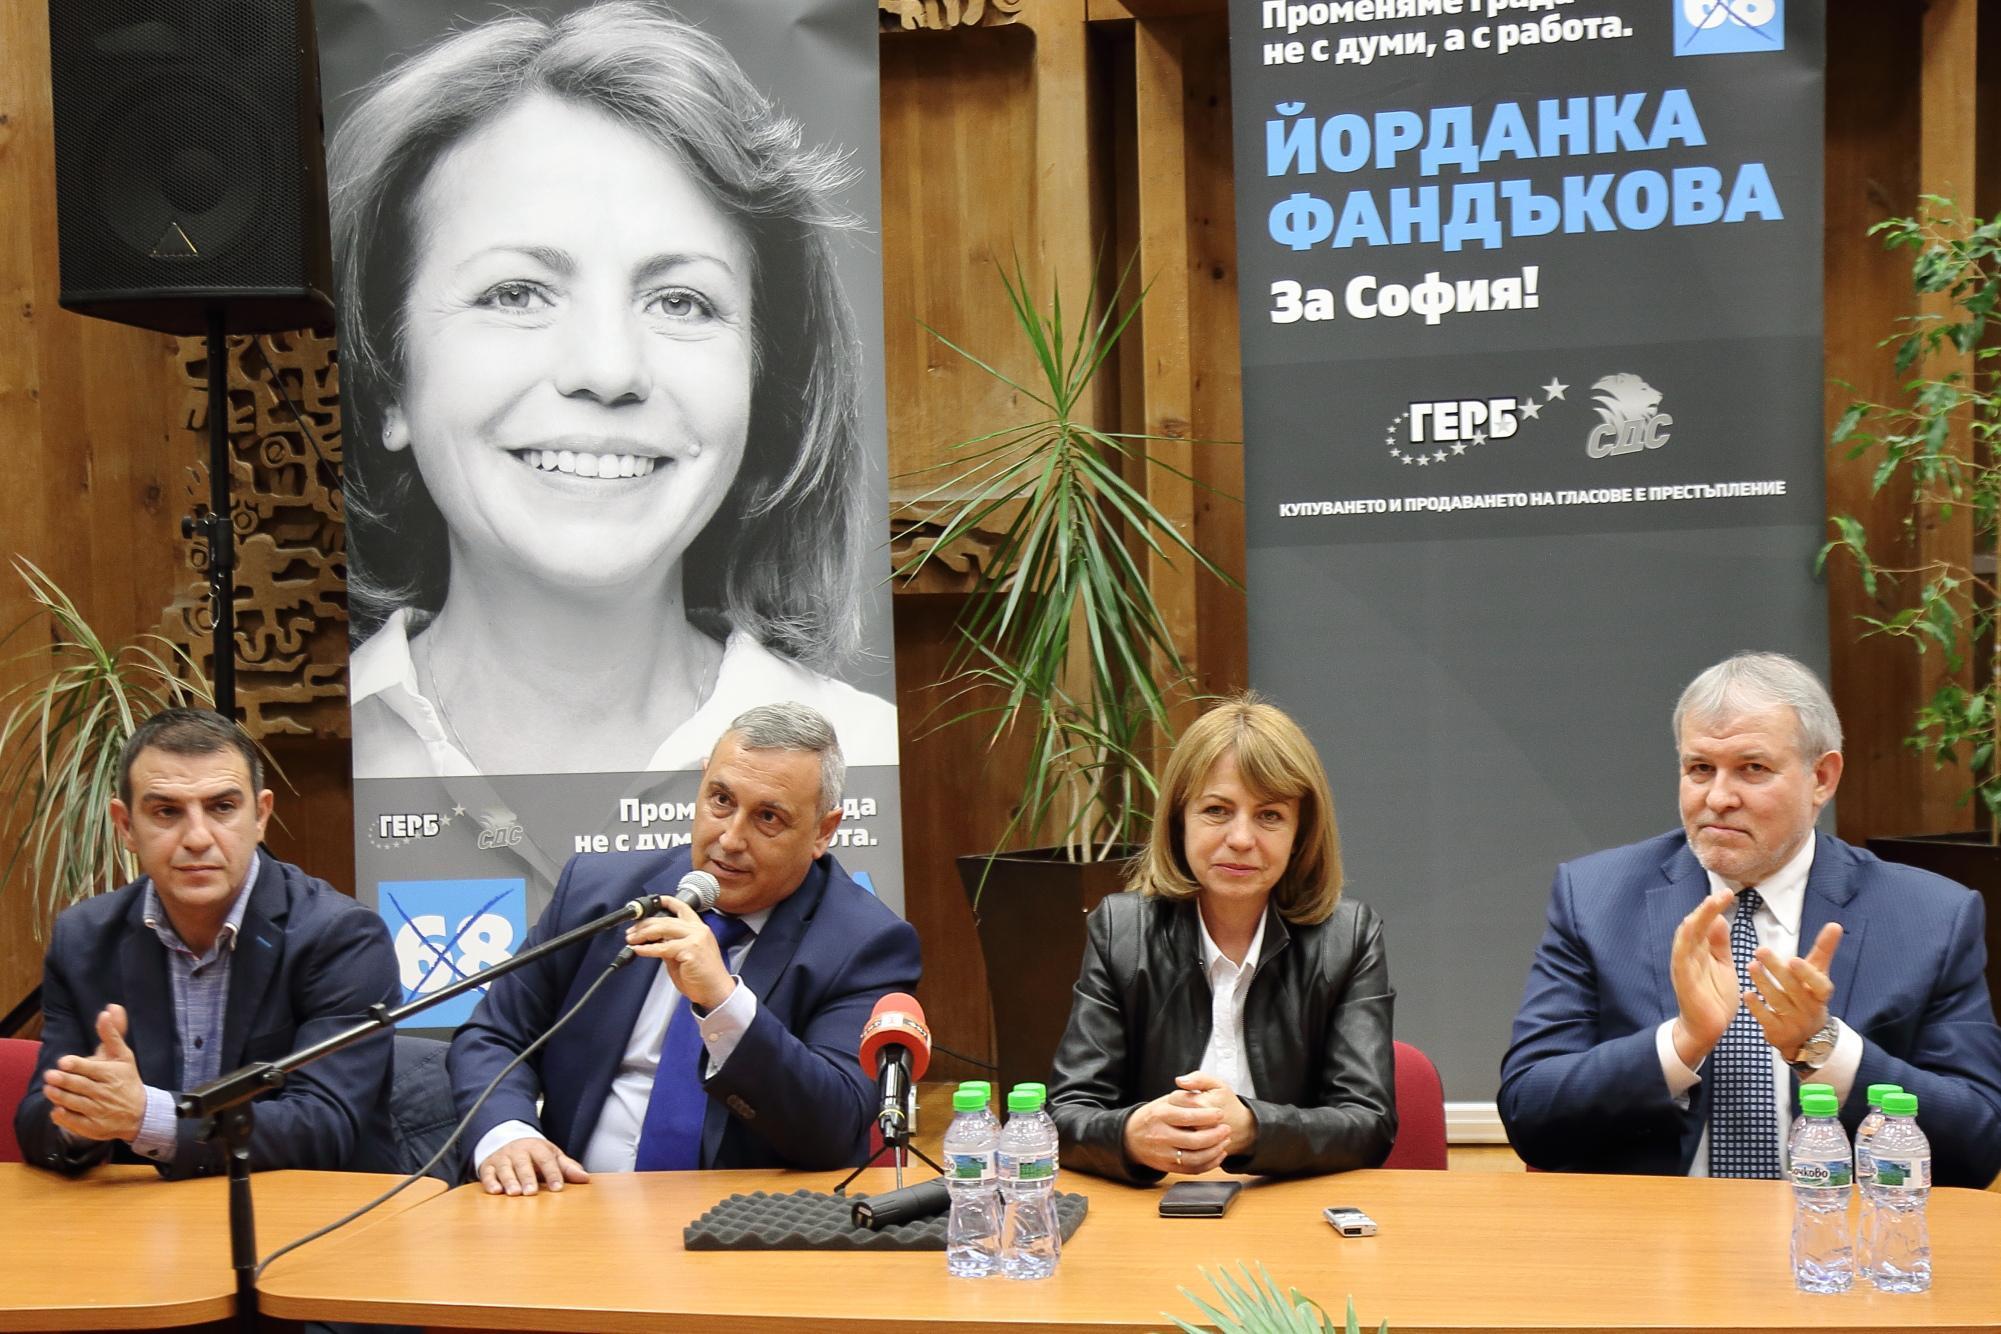 Йорданка Фандъкова на среща със СДС, президентът Петър Стоянов е подкрепи